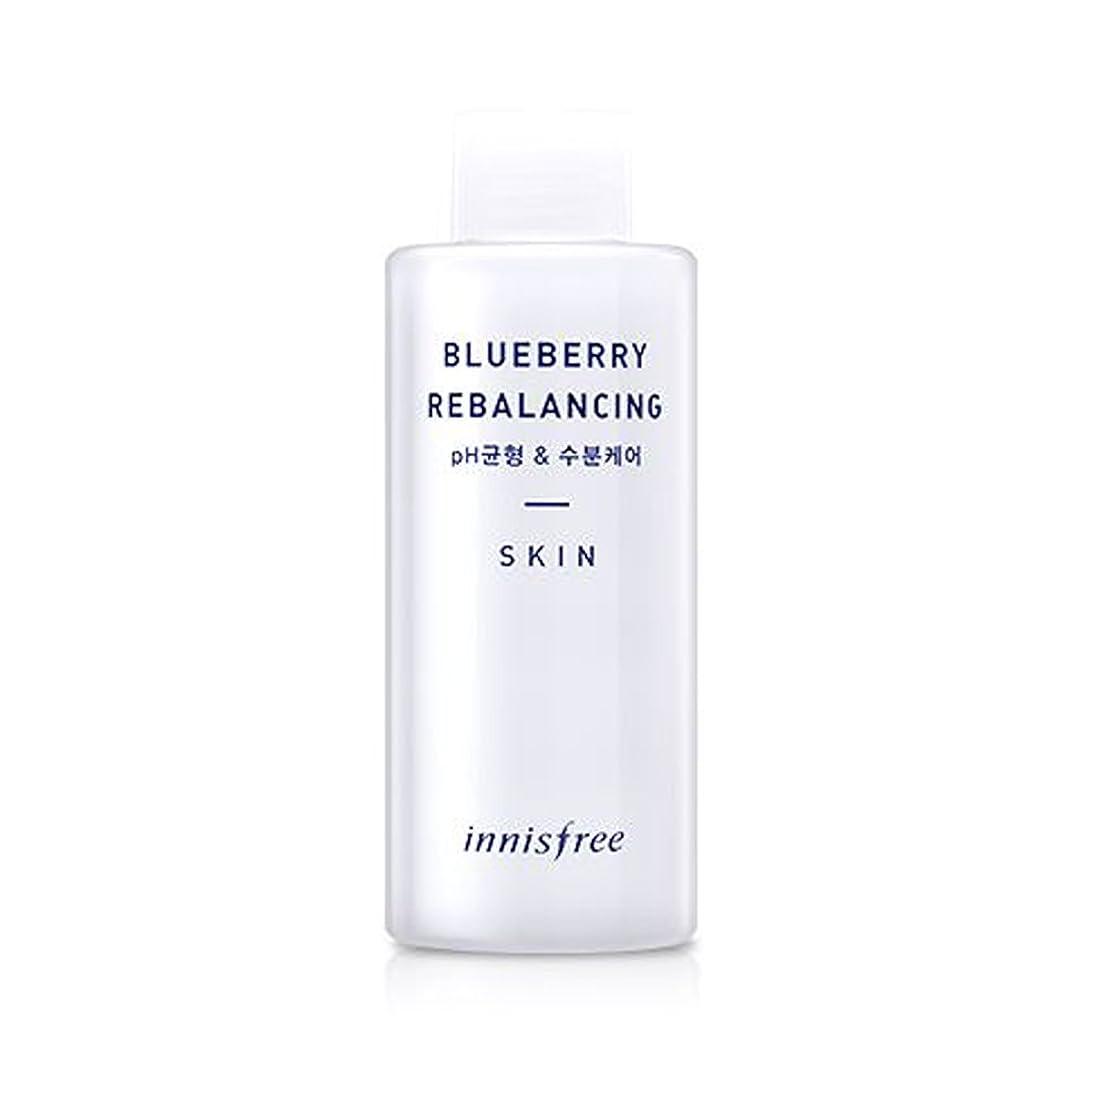 小売位置づけるページ[イニスプリー]Innisfree ブルーベリーリバランシングスキン(150ml)  Innisfree Blueberry Rebalancing Skin (150ml) [海外直送品]